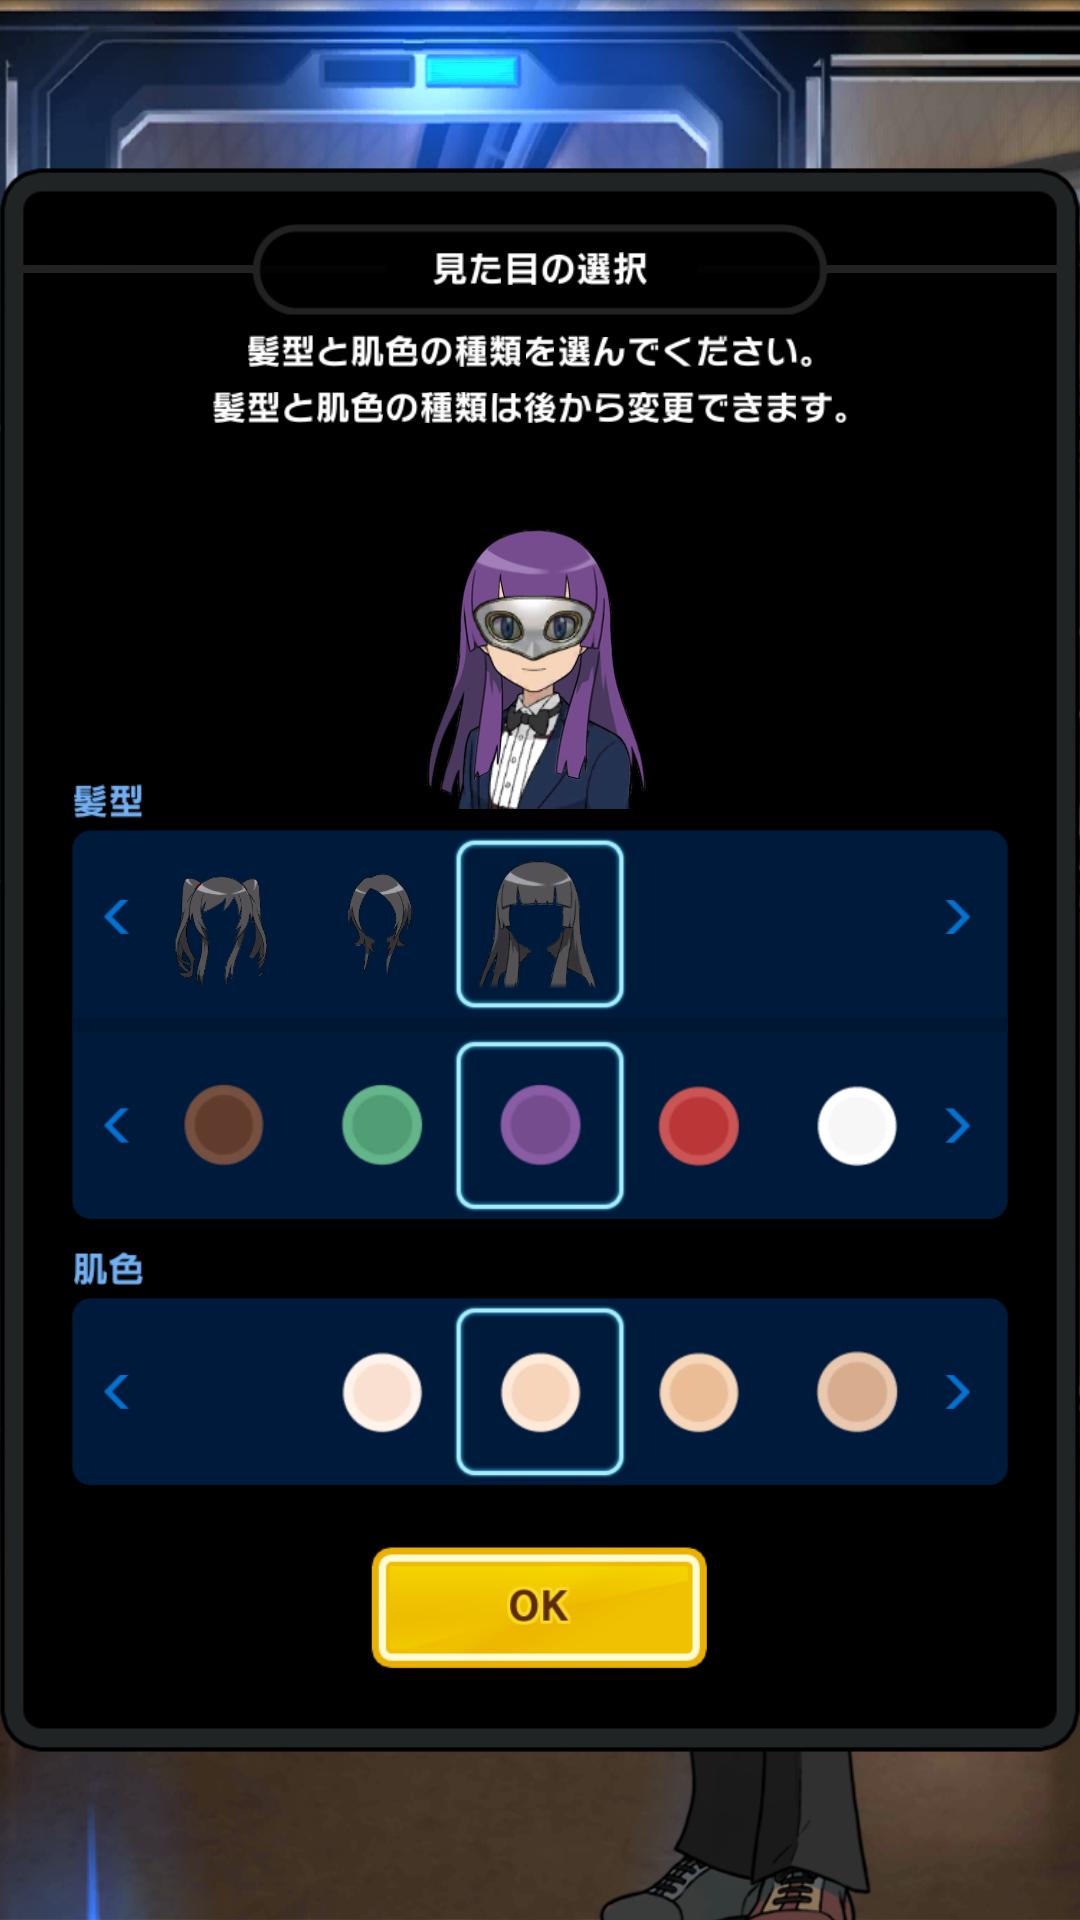 ポケモンコマスター(ポケコマ)のレビューと序盤攻略 - アプリゲット